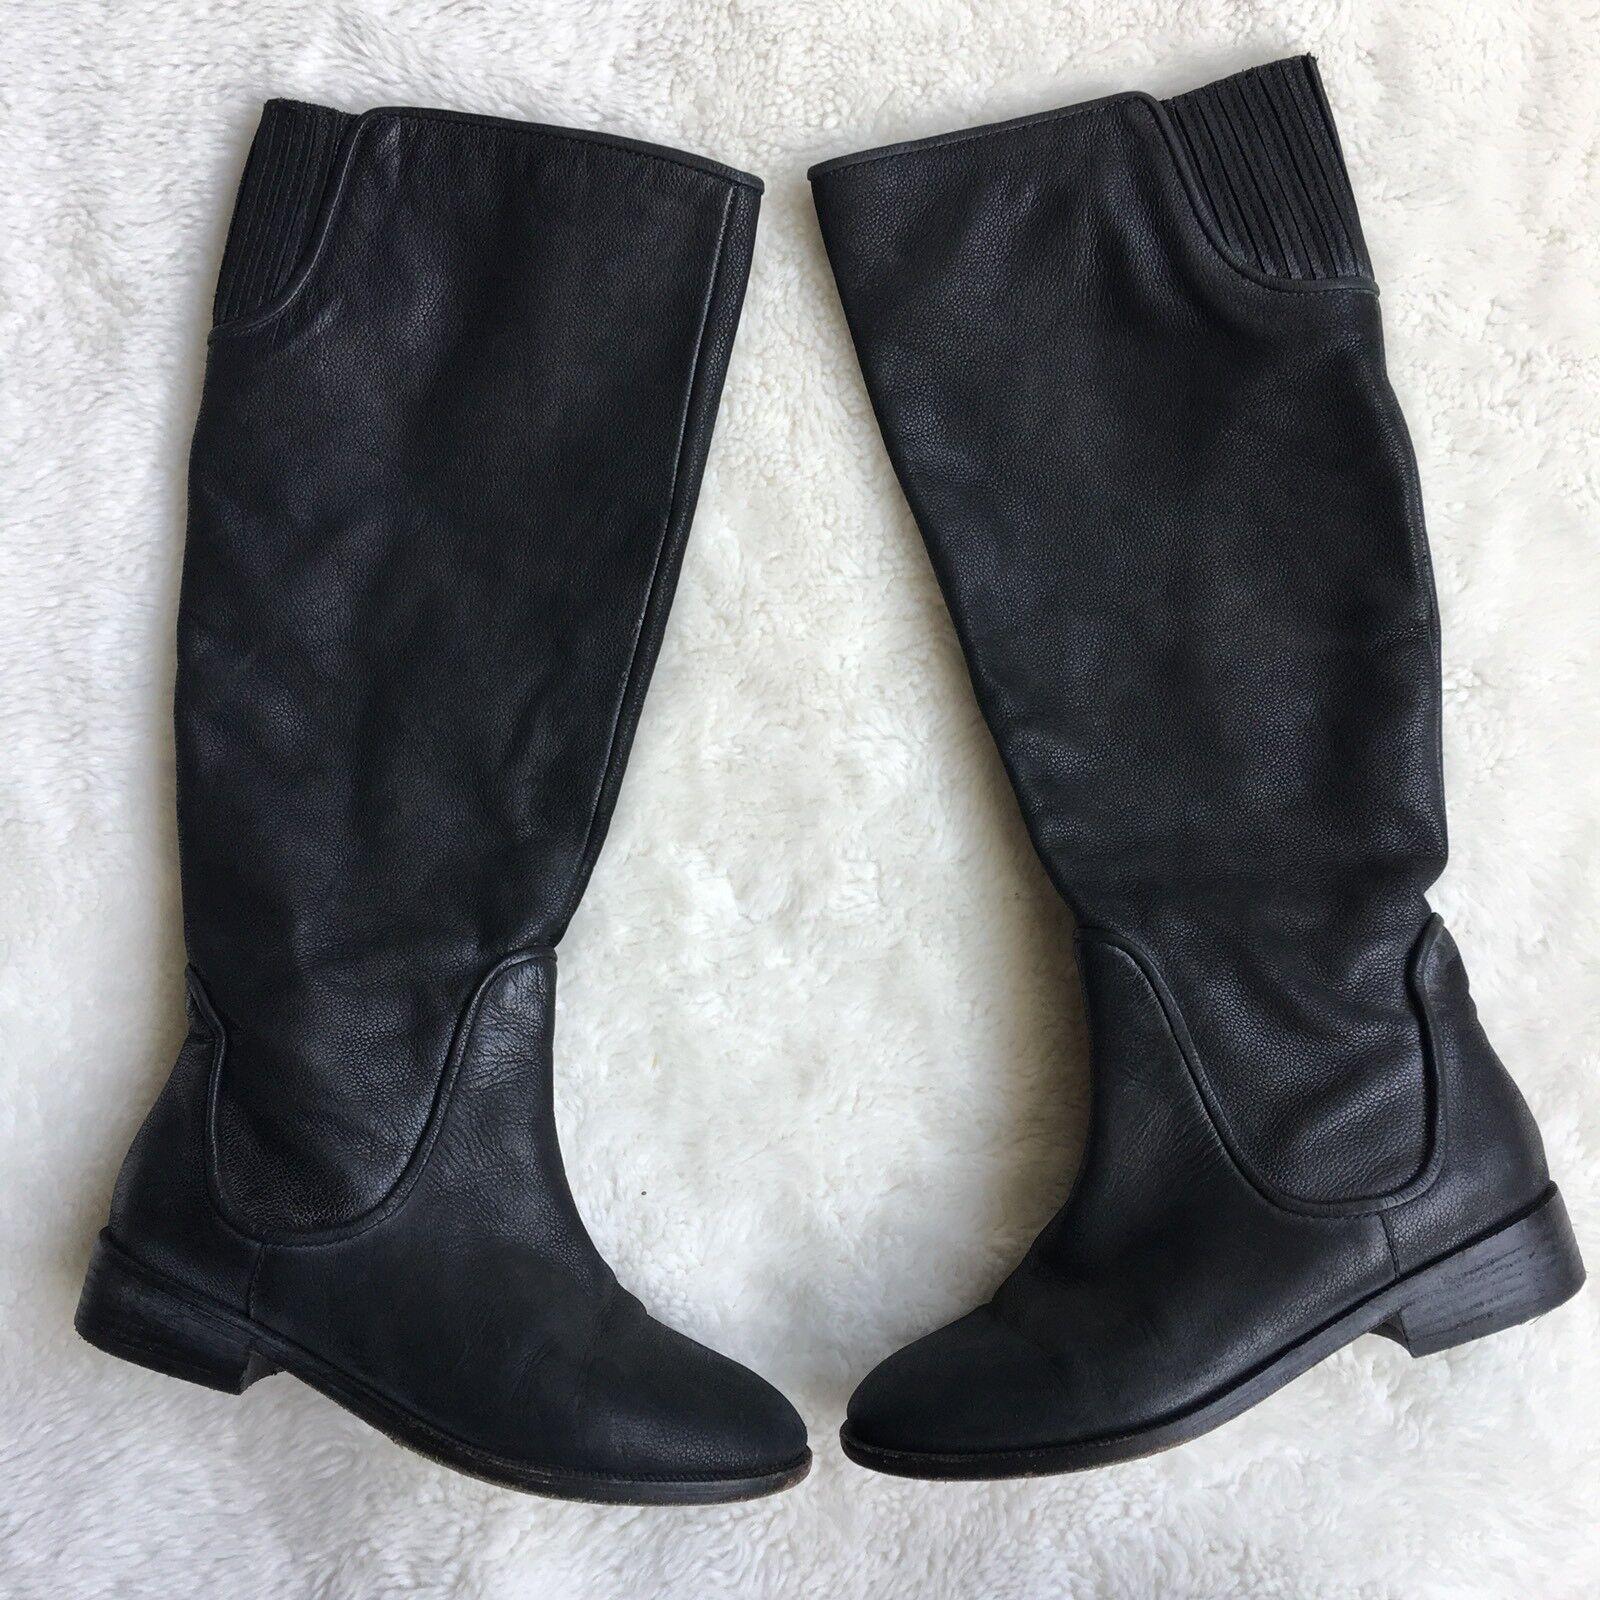 popolare Joie donna's Leather Tall stivali Dimensione 36 nero Zip Zip Zip Pull On Riding Stretch  negozio di vendita outlet